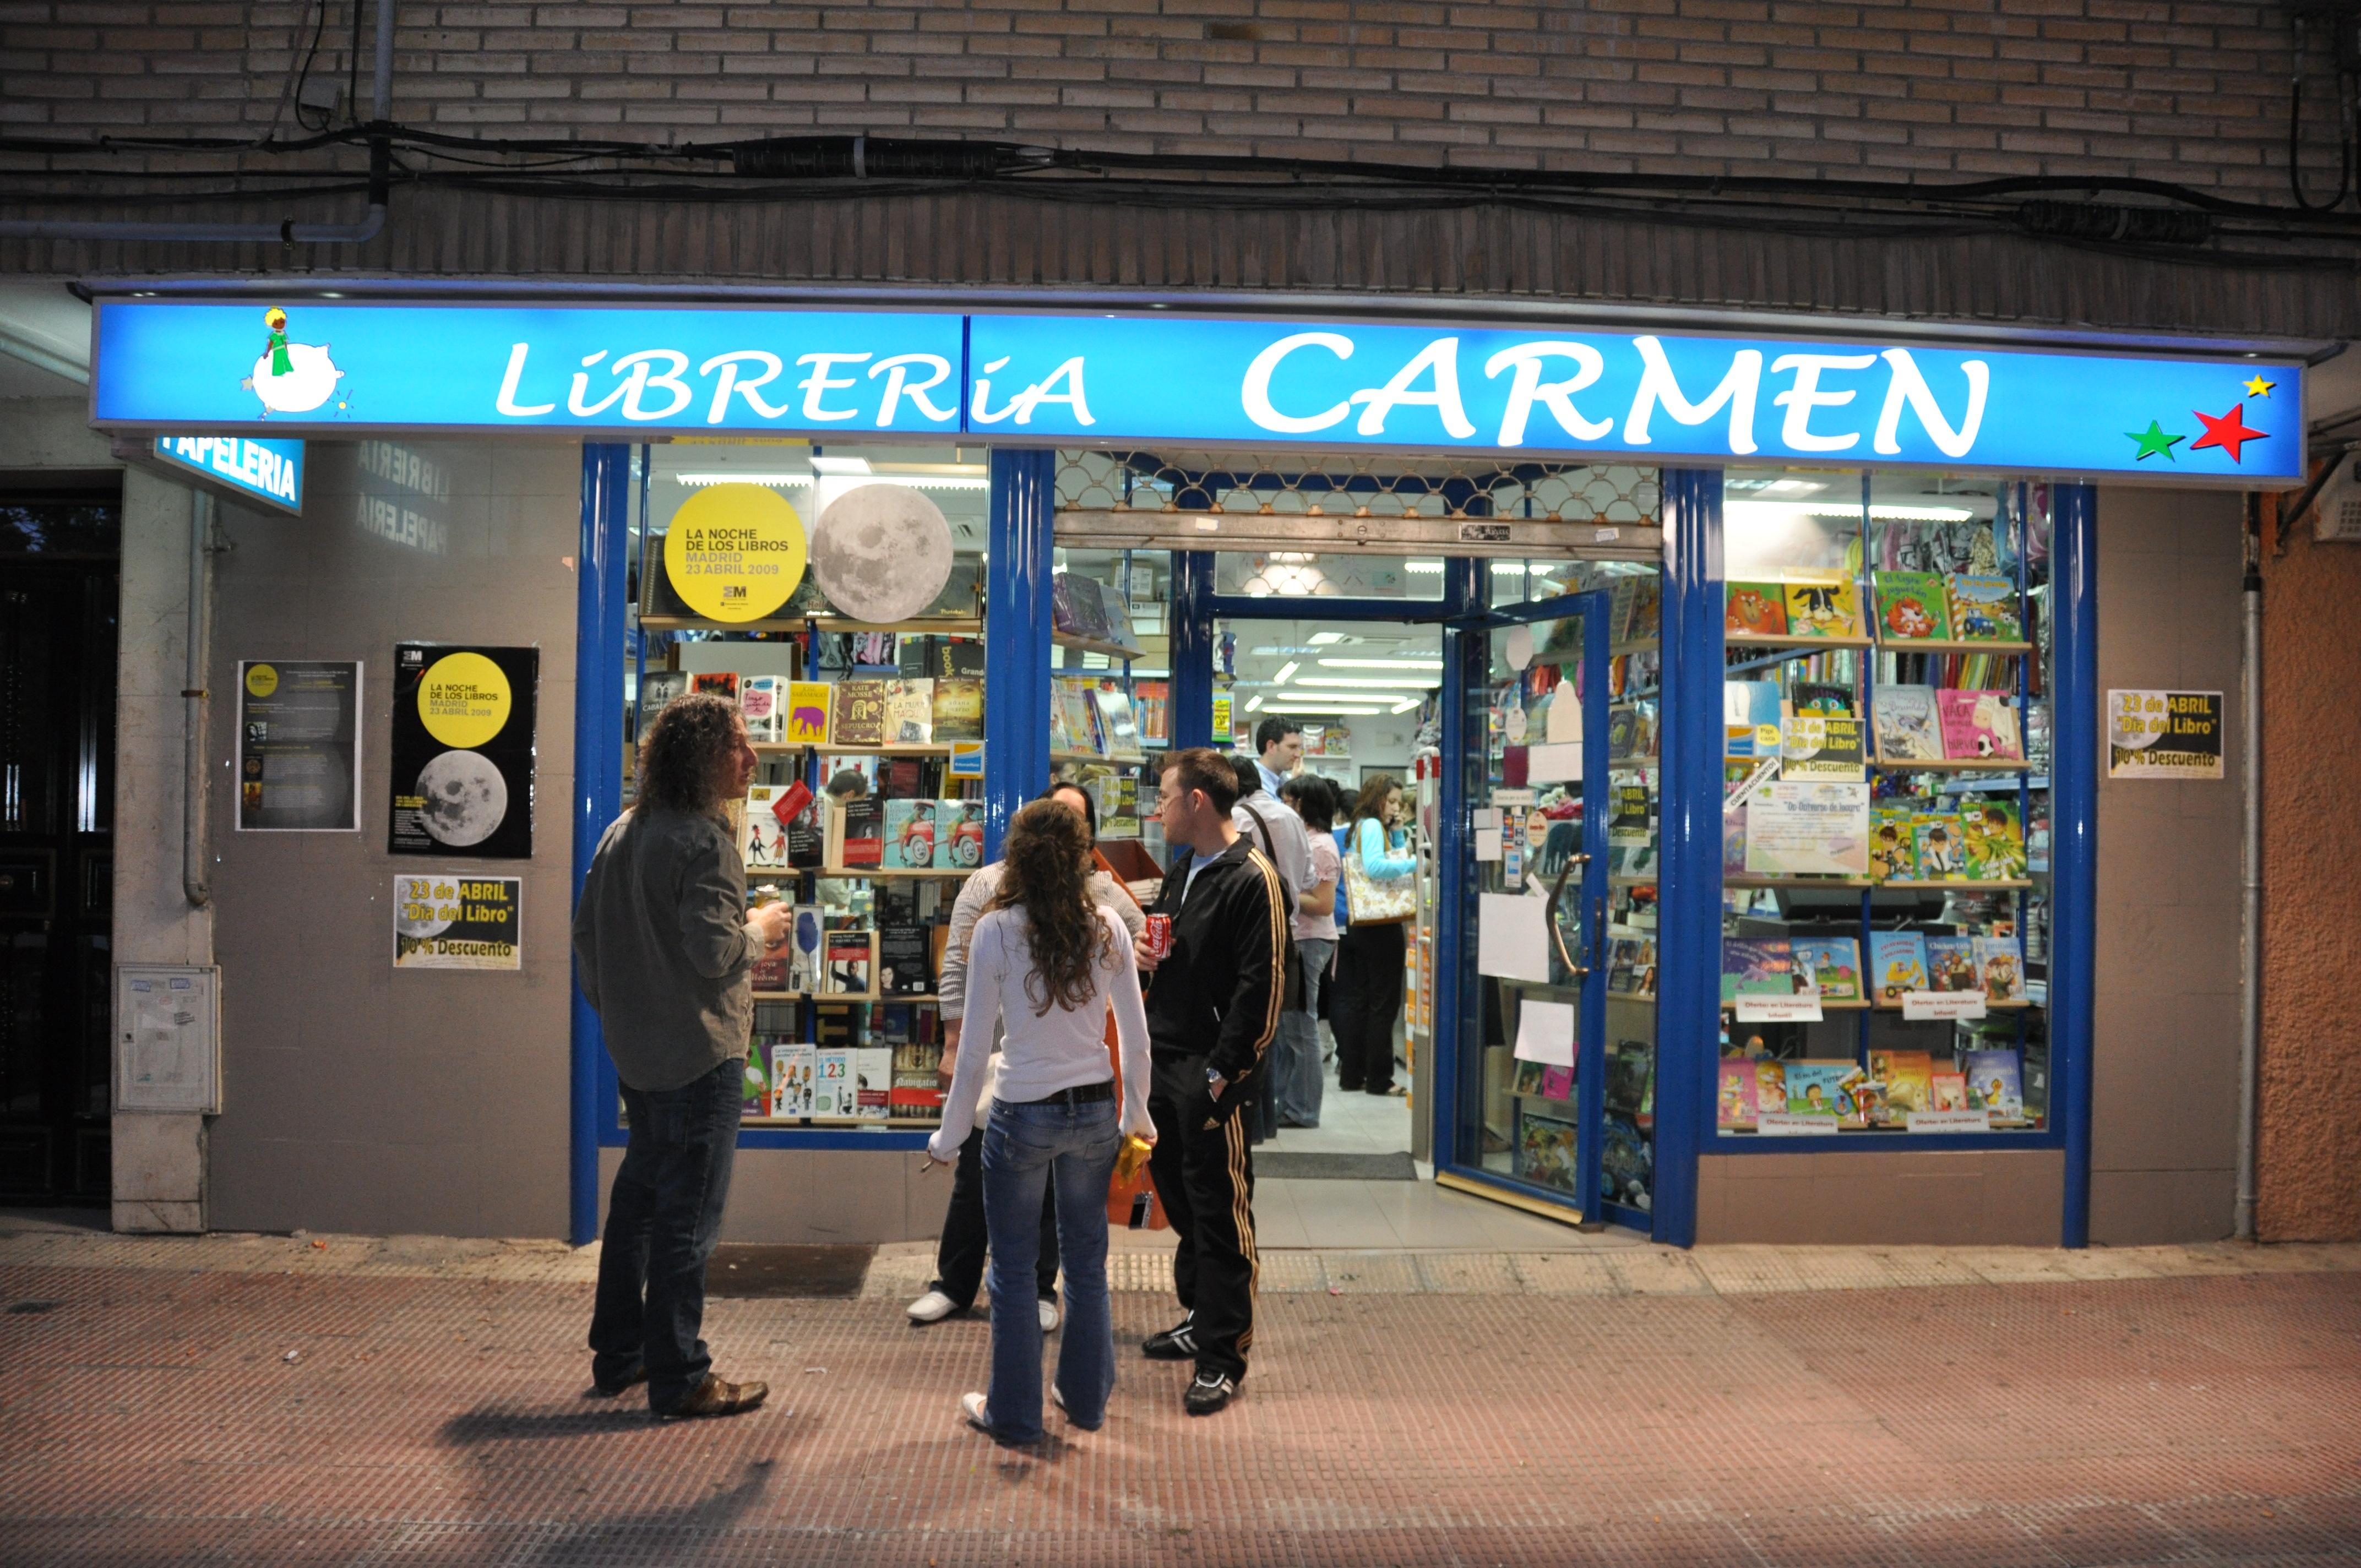 Una pausa para tomar aire antes de seguir firmando la novela en la Librería Carmen, de las más prestigiosas de Parla, única en participar en este evento en la ciudad.